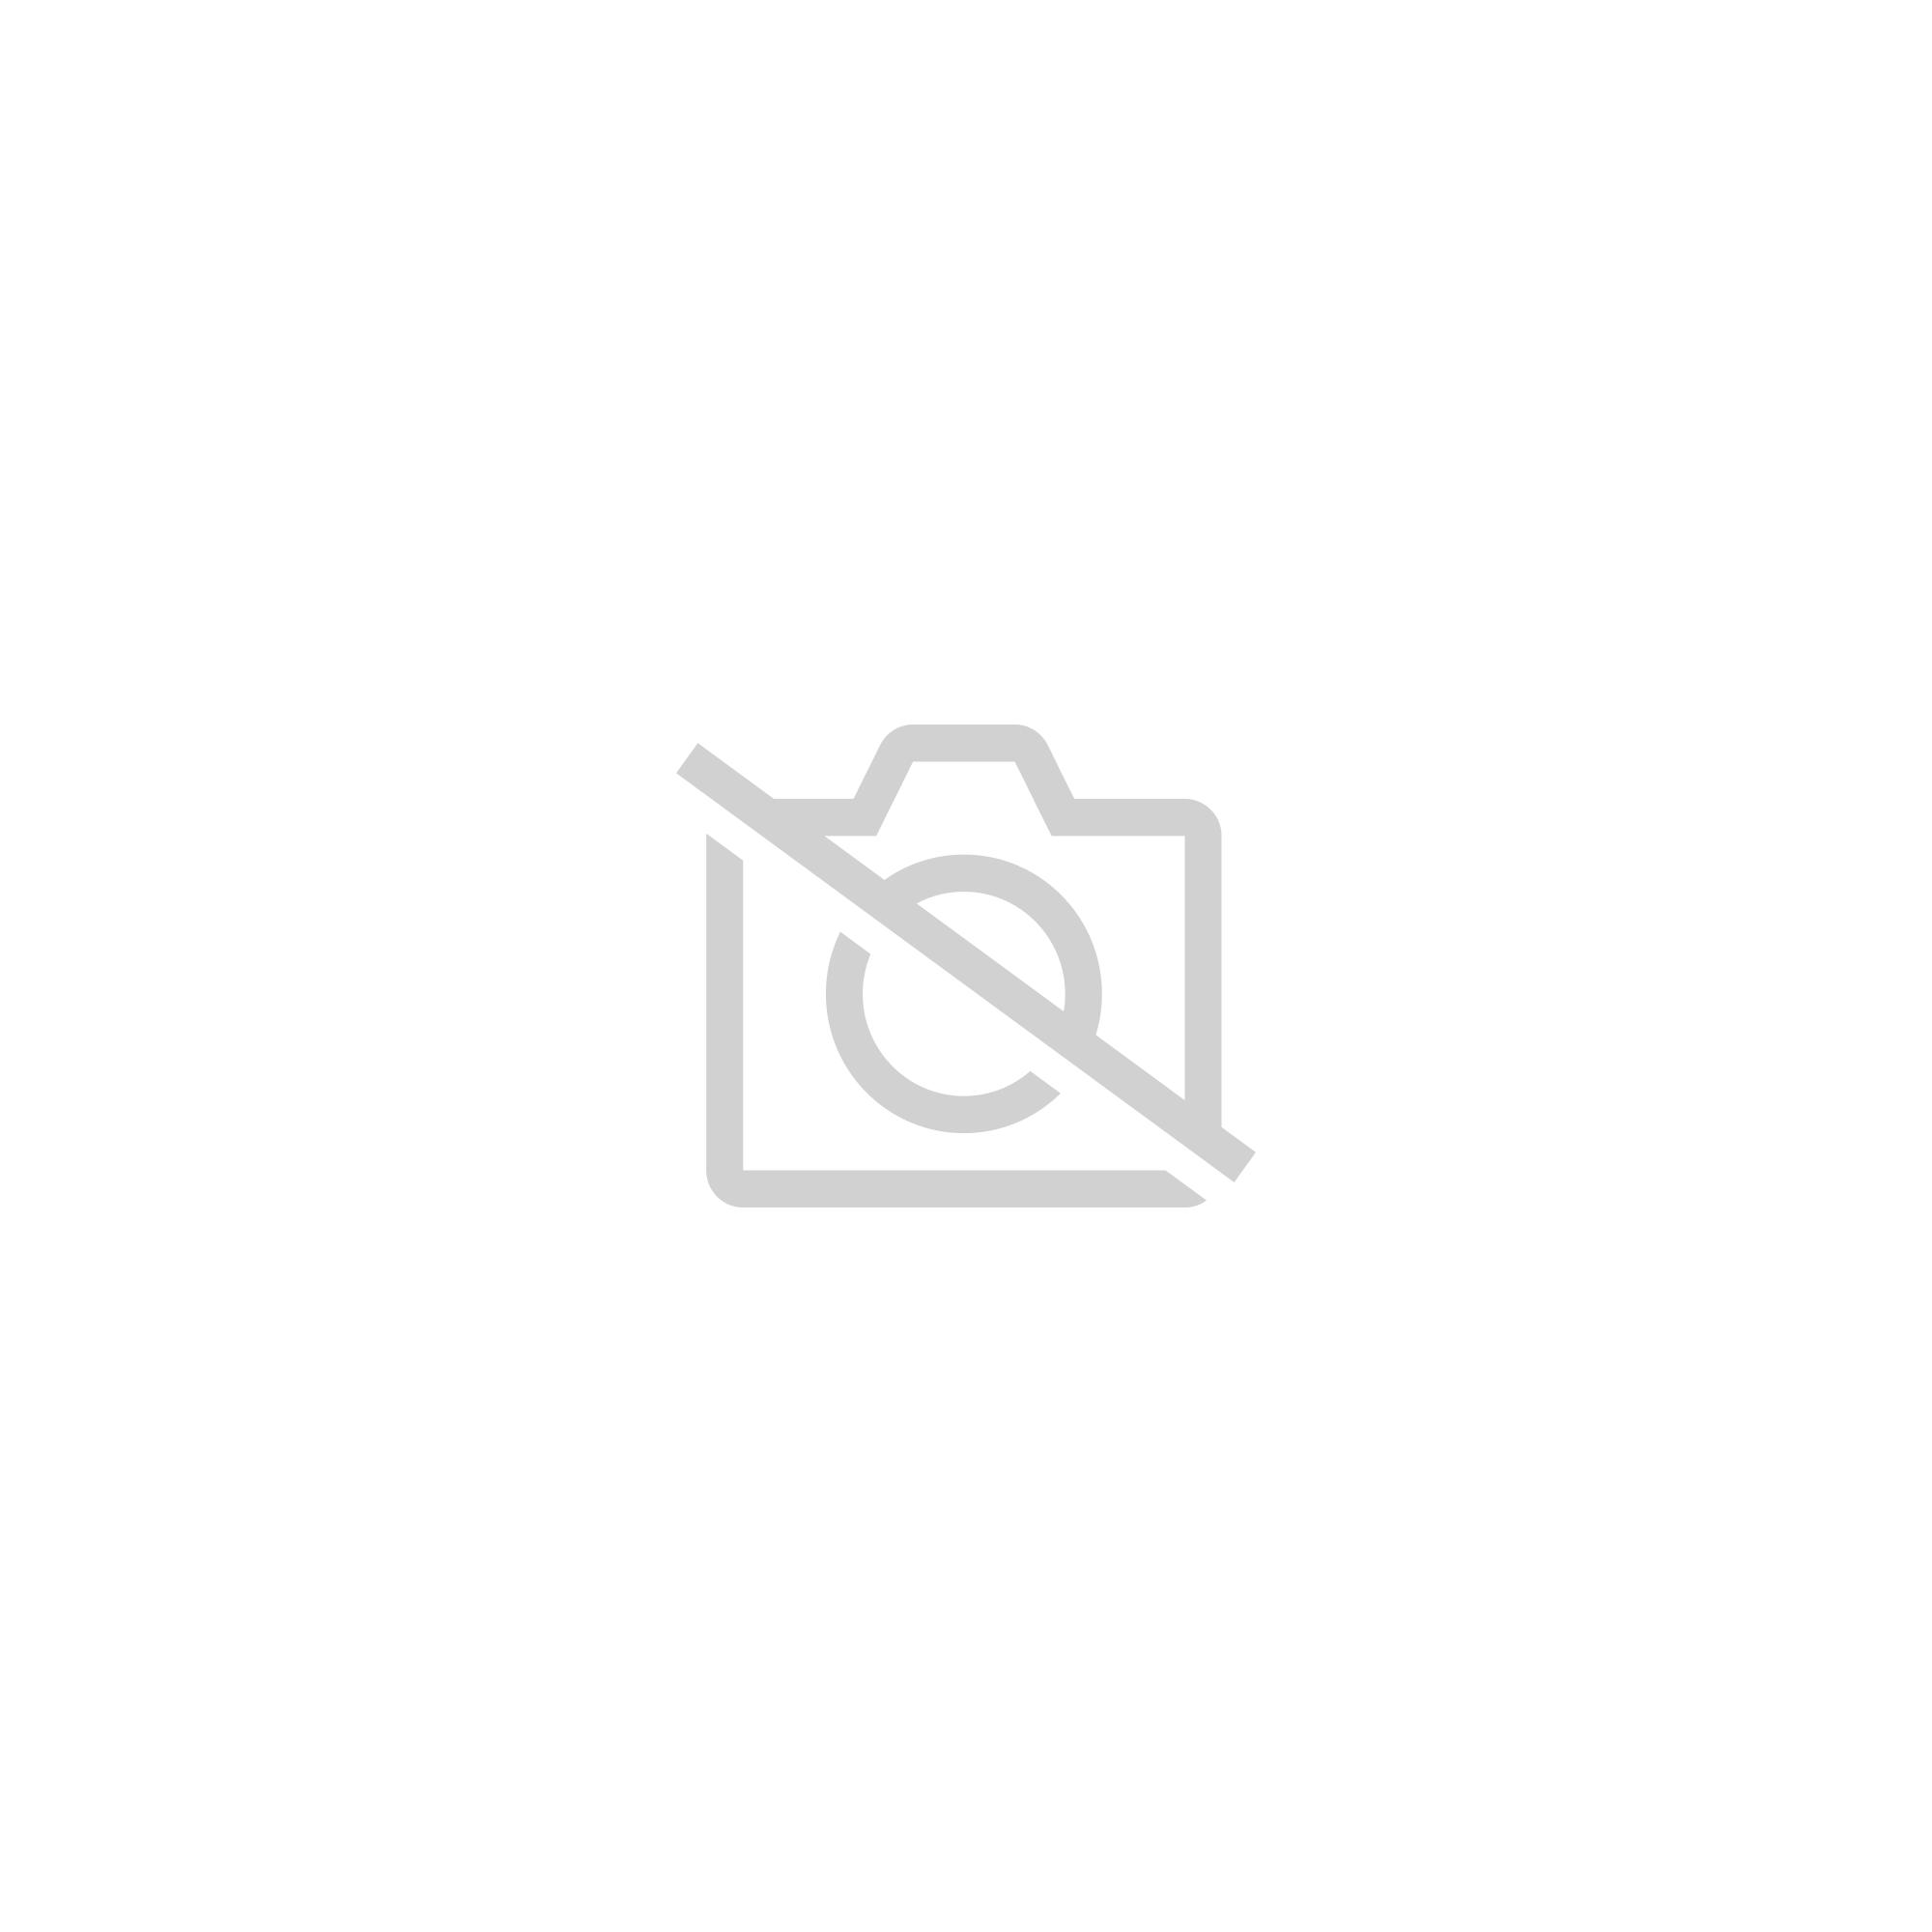 camescope sony Hi8 handycam analogique CCD-TRV208E